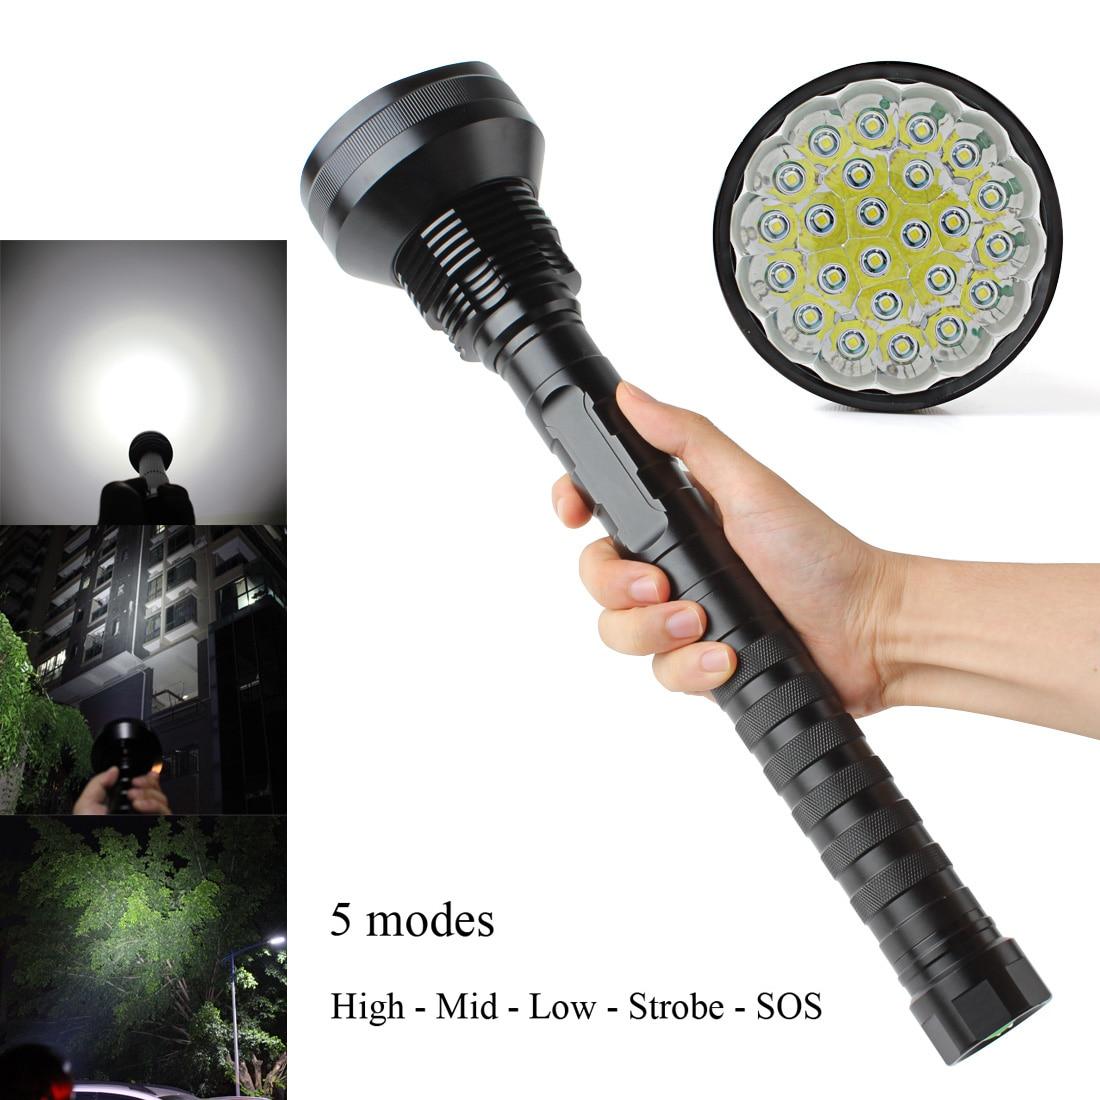 LED lampe de Poche NOUVEAU CREE XML-T6 21/24 LED 32000 LM Haute Puissance Éblouissement T6 LED Torche Projecteur Accent Lumière Camping Lampe